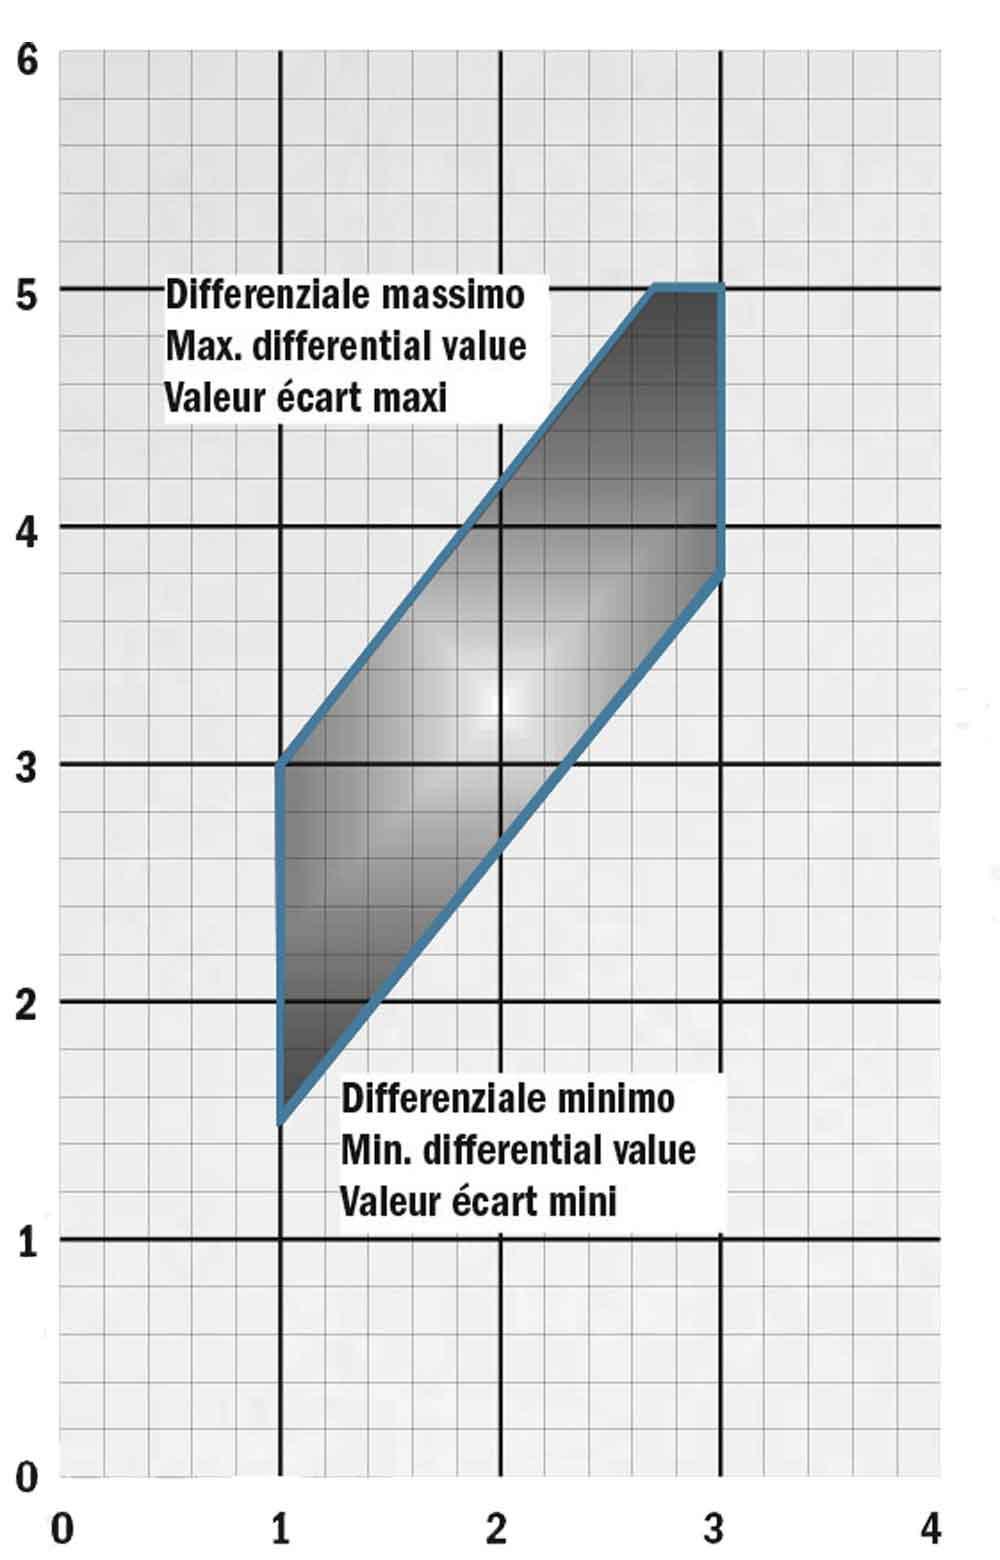 نمودار فشار کلید اتوماتیک ایتال تکنیکا PM/5